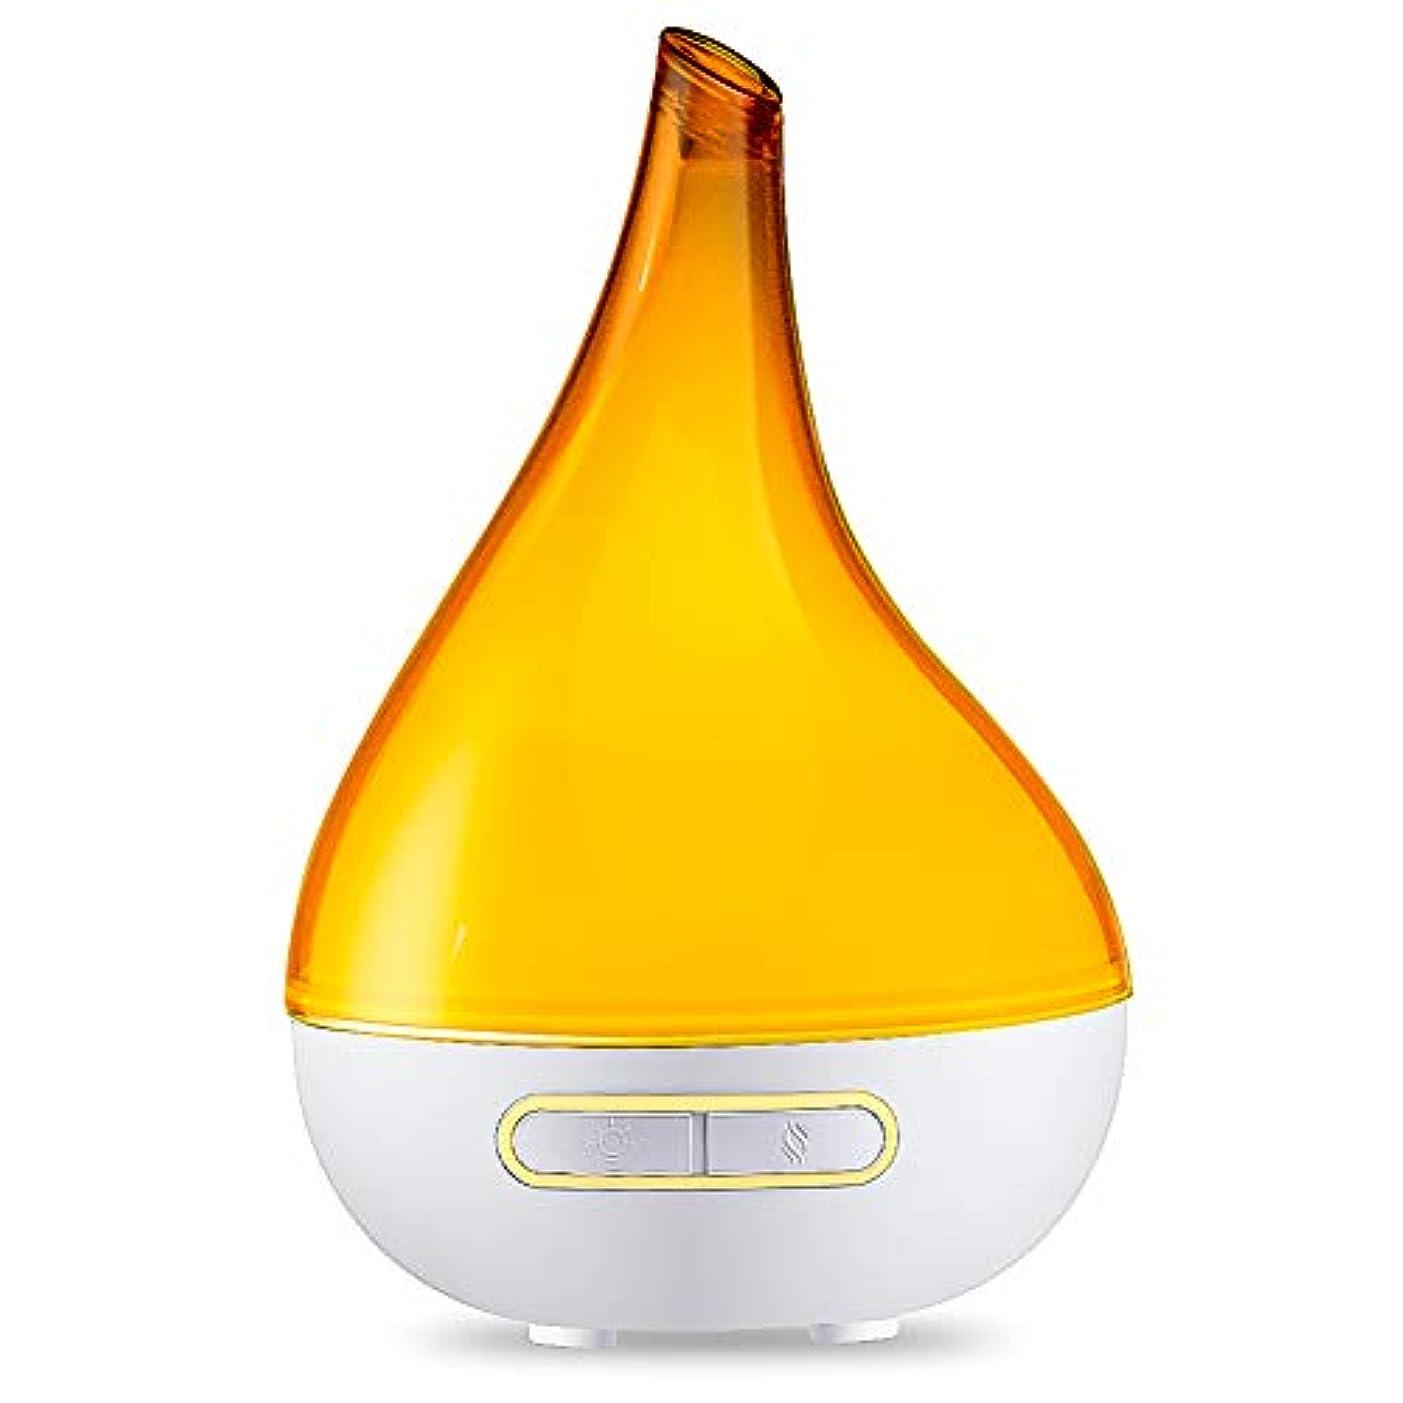 健康カリキュラム拮抗する超音波 エッセンシャル オイル ディフューザー 電気 涼しい霧の加湿器 調節可能なミスト付け アロマディフューザー 夜間照明付き 赤ちゃんの家-オレンジ 15x23.7cm